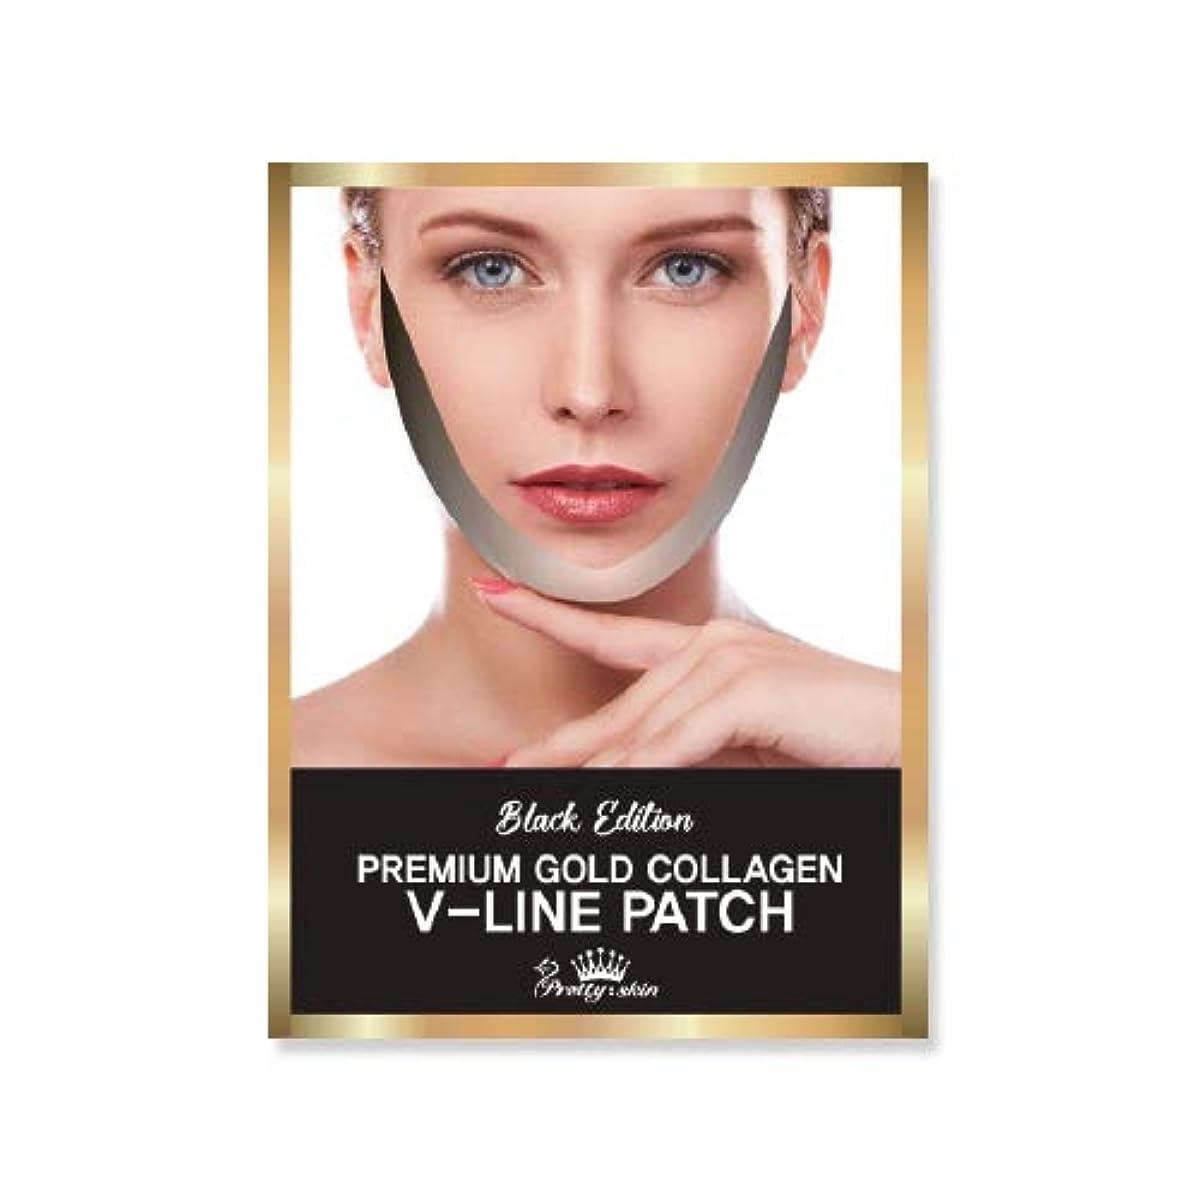 おライブ時々時々pretty skin プリティスキン V-LINE PATCH ブイラインパッチ リフトアップ マスク (5枚組, ブラック)